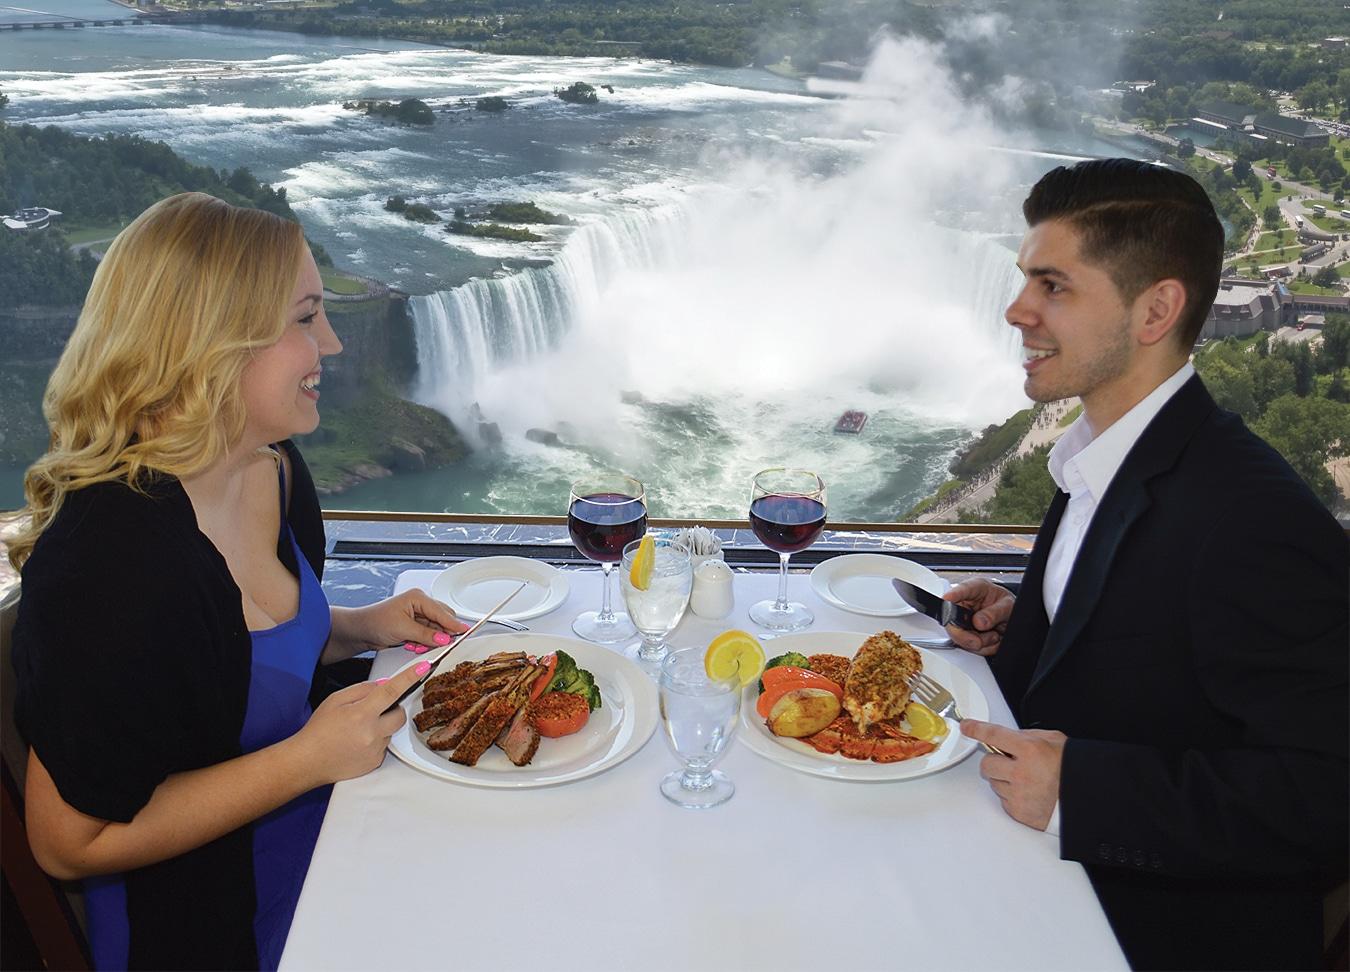 Revolving dining room niagara falls